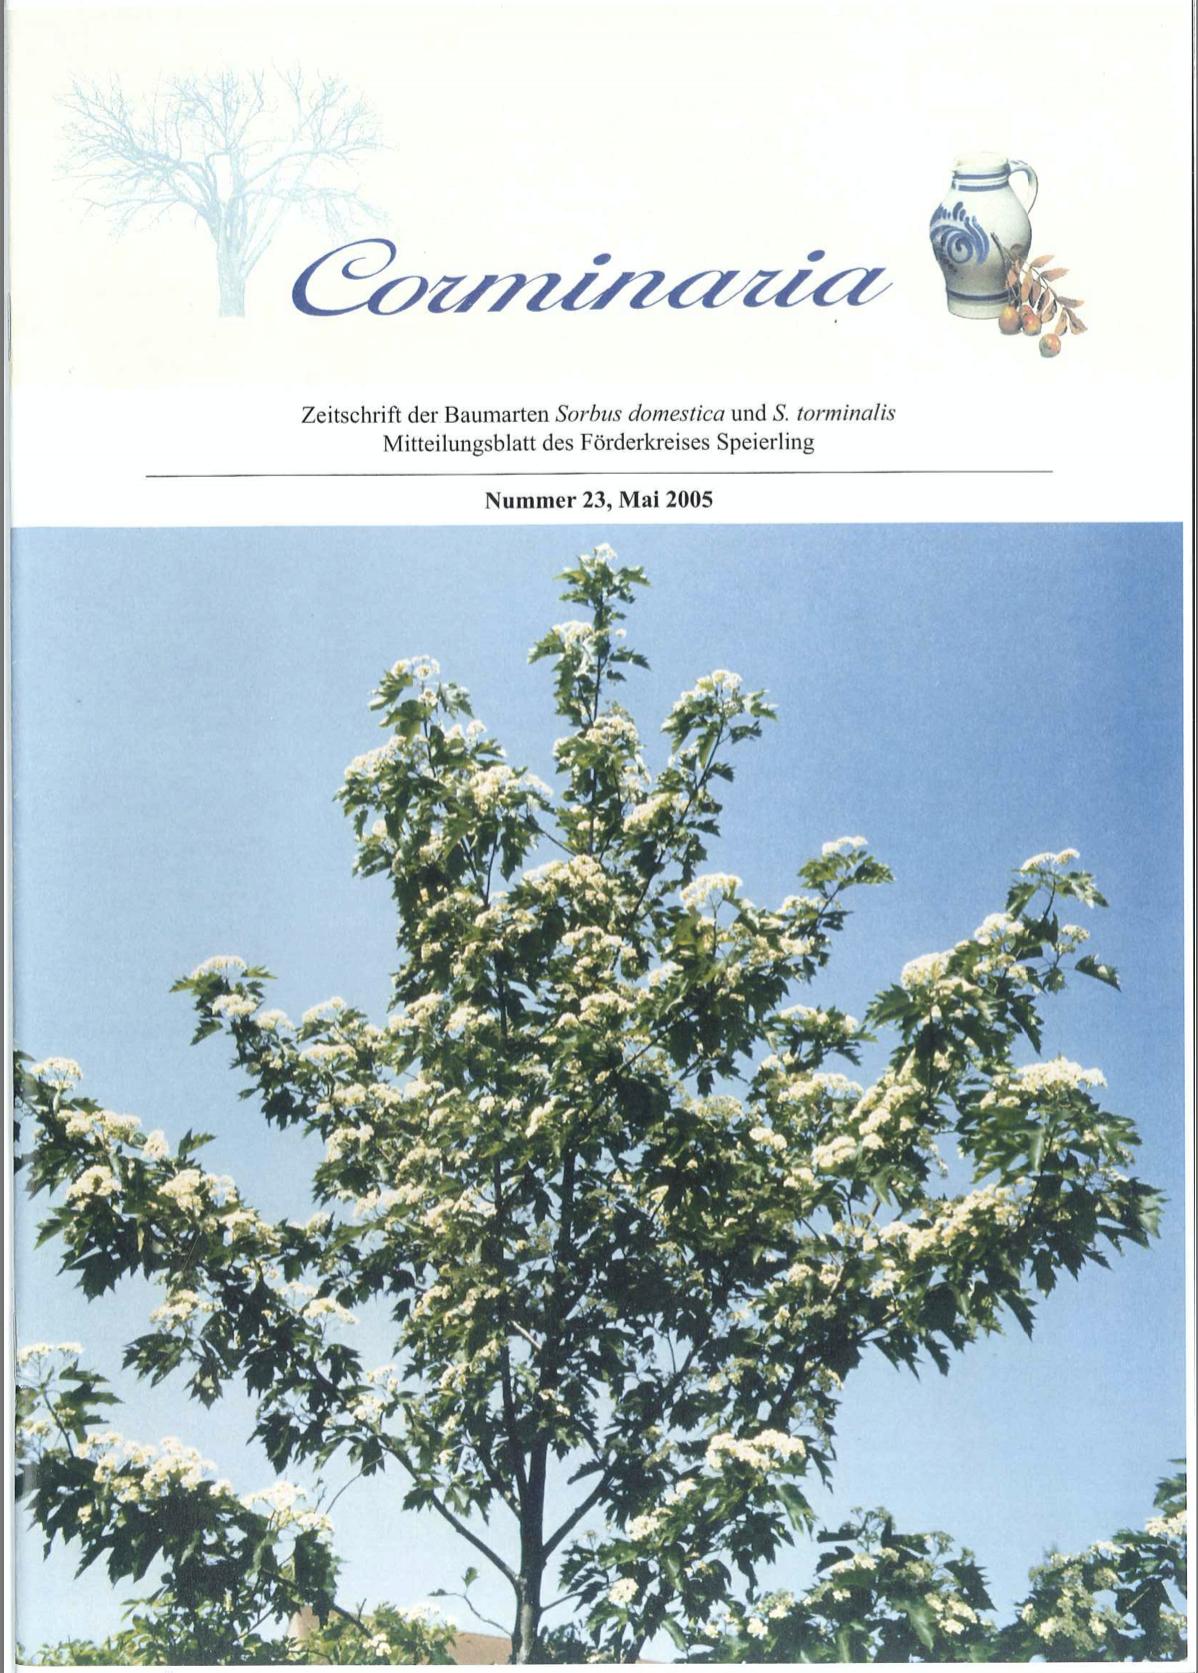 Corminaria Heft Nr. 24